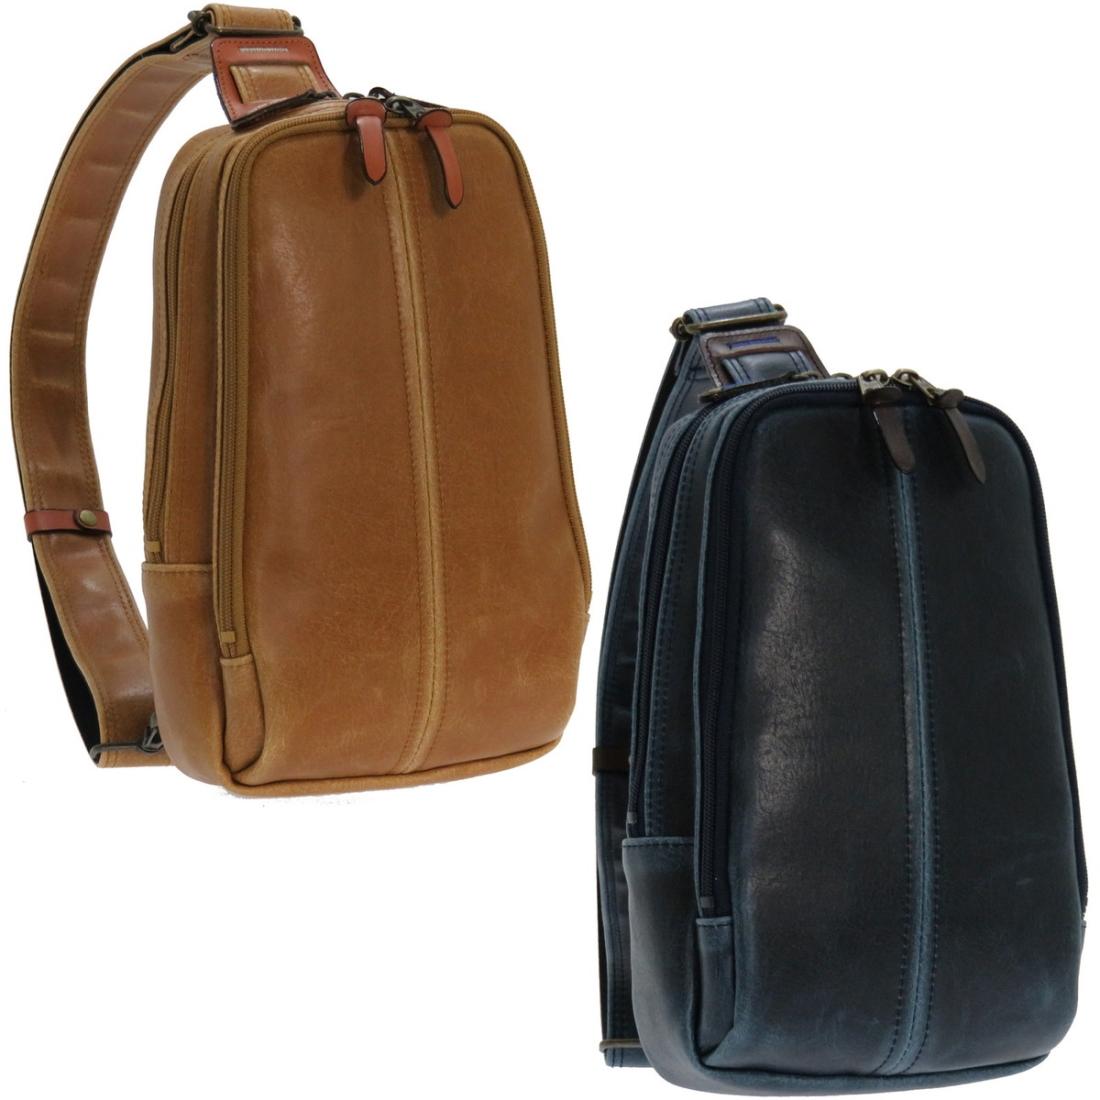 日本 PVC 鞄 ボディー バッグレトロボディーバッグ キャメル 日本製 japan